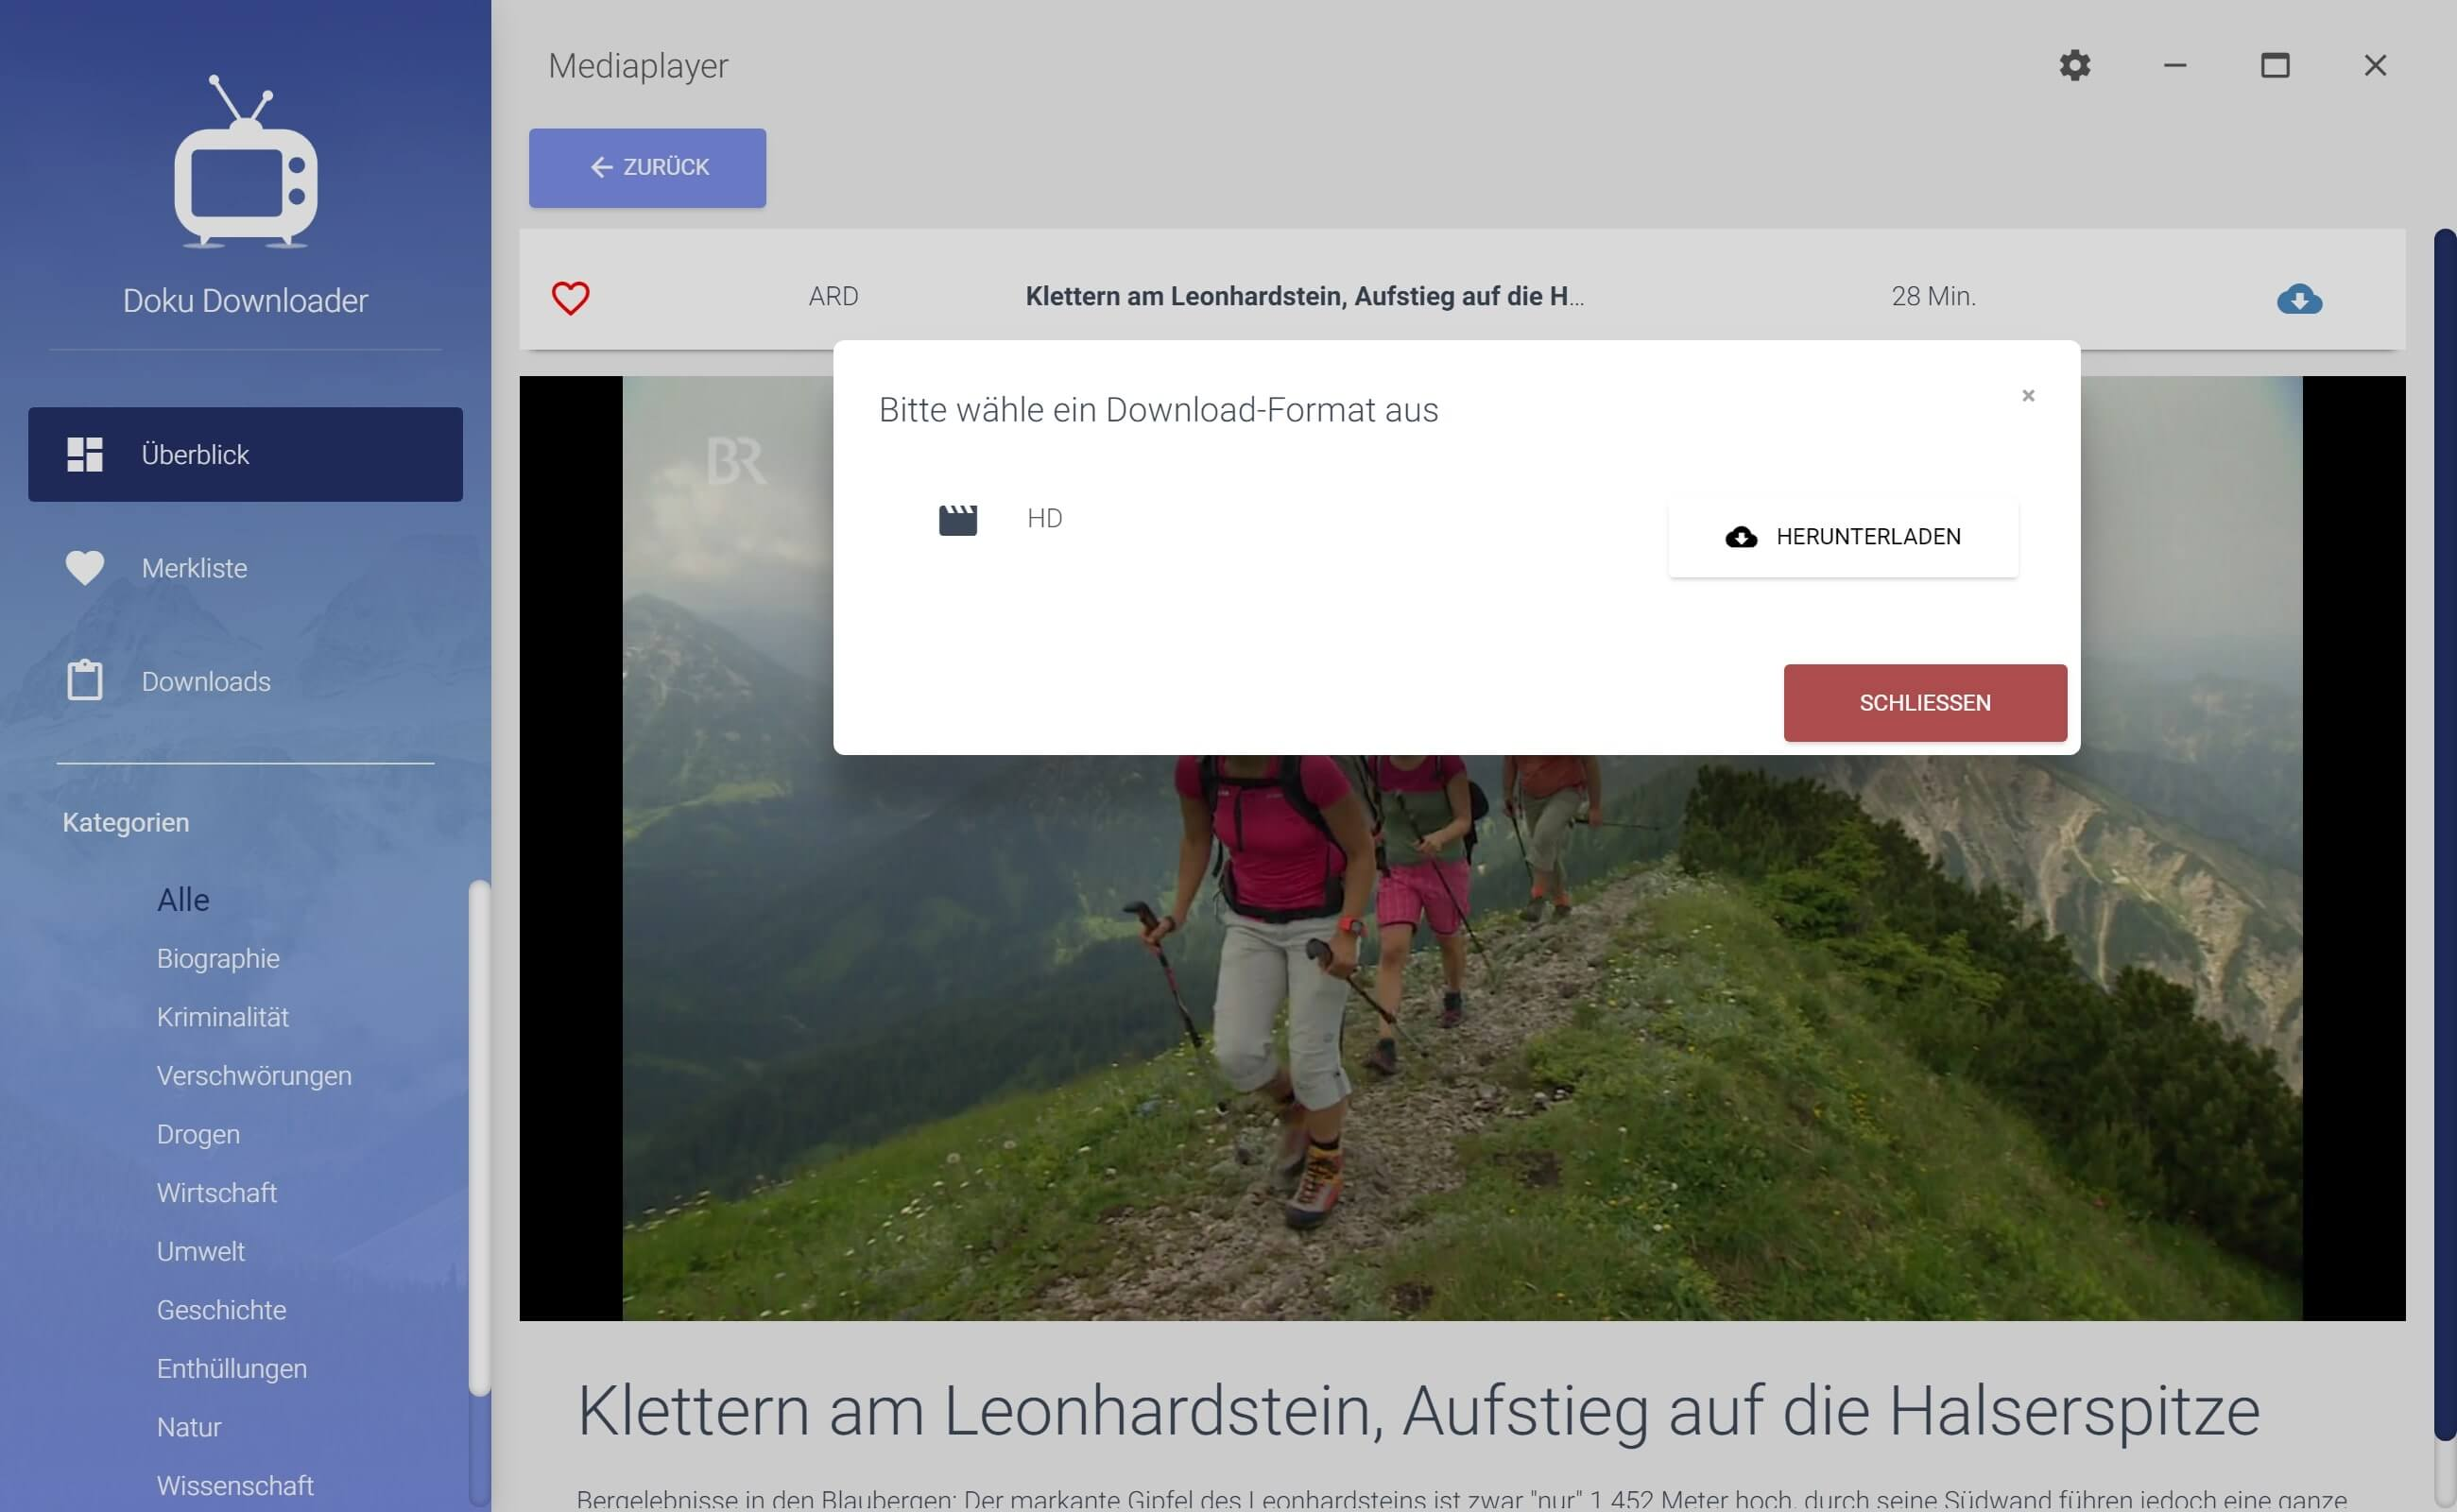 ARD Dokumentation aus Mediathek herunterladen - Downloadformat auswählen